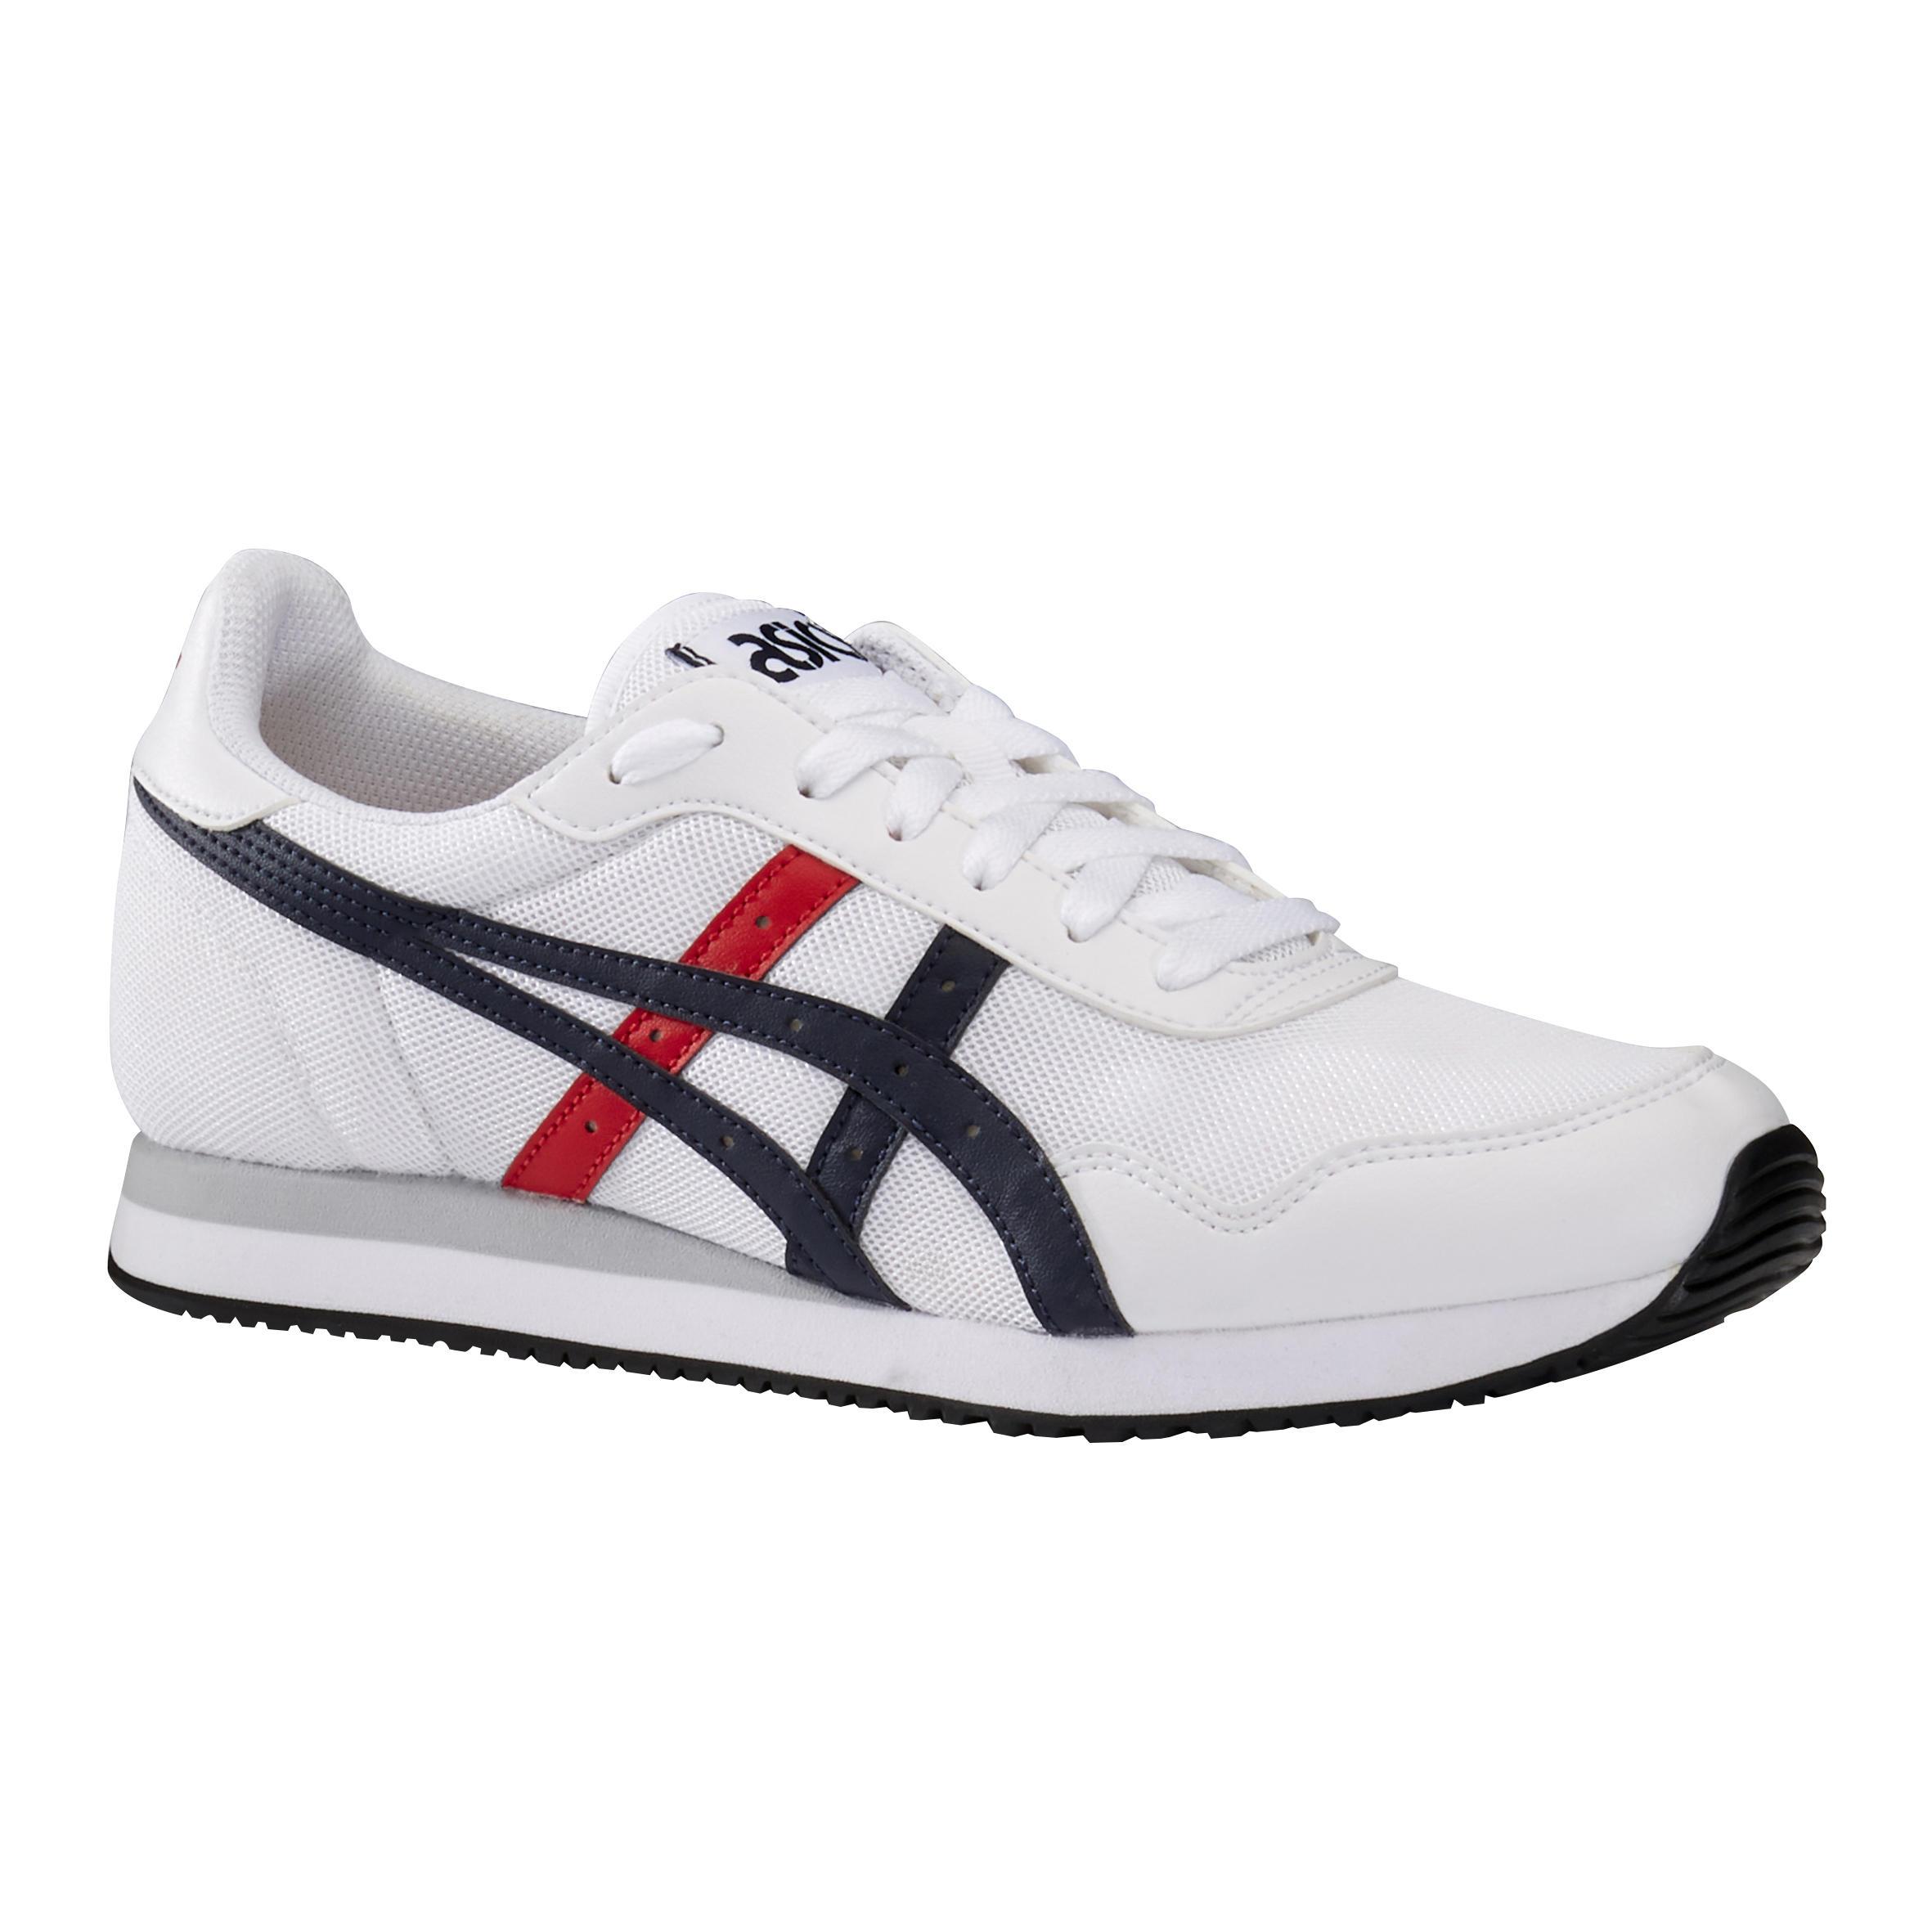 Men's Active Walking Shoes Asics Tiger Mesh - white